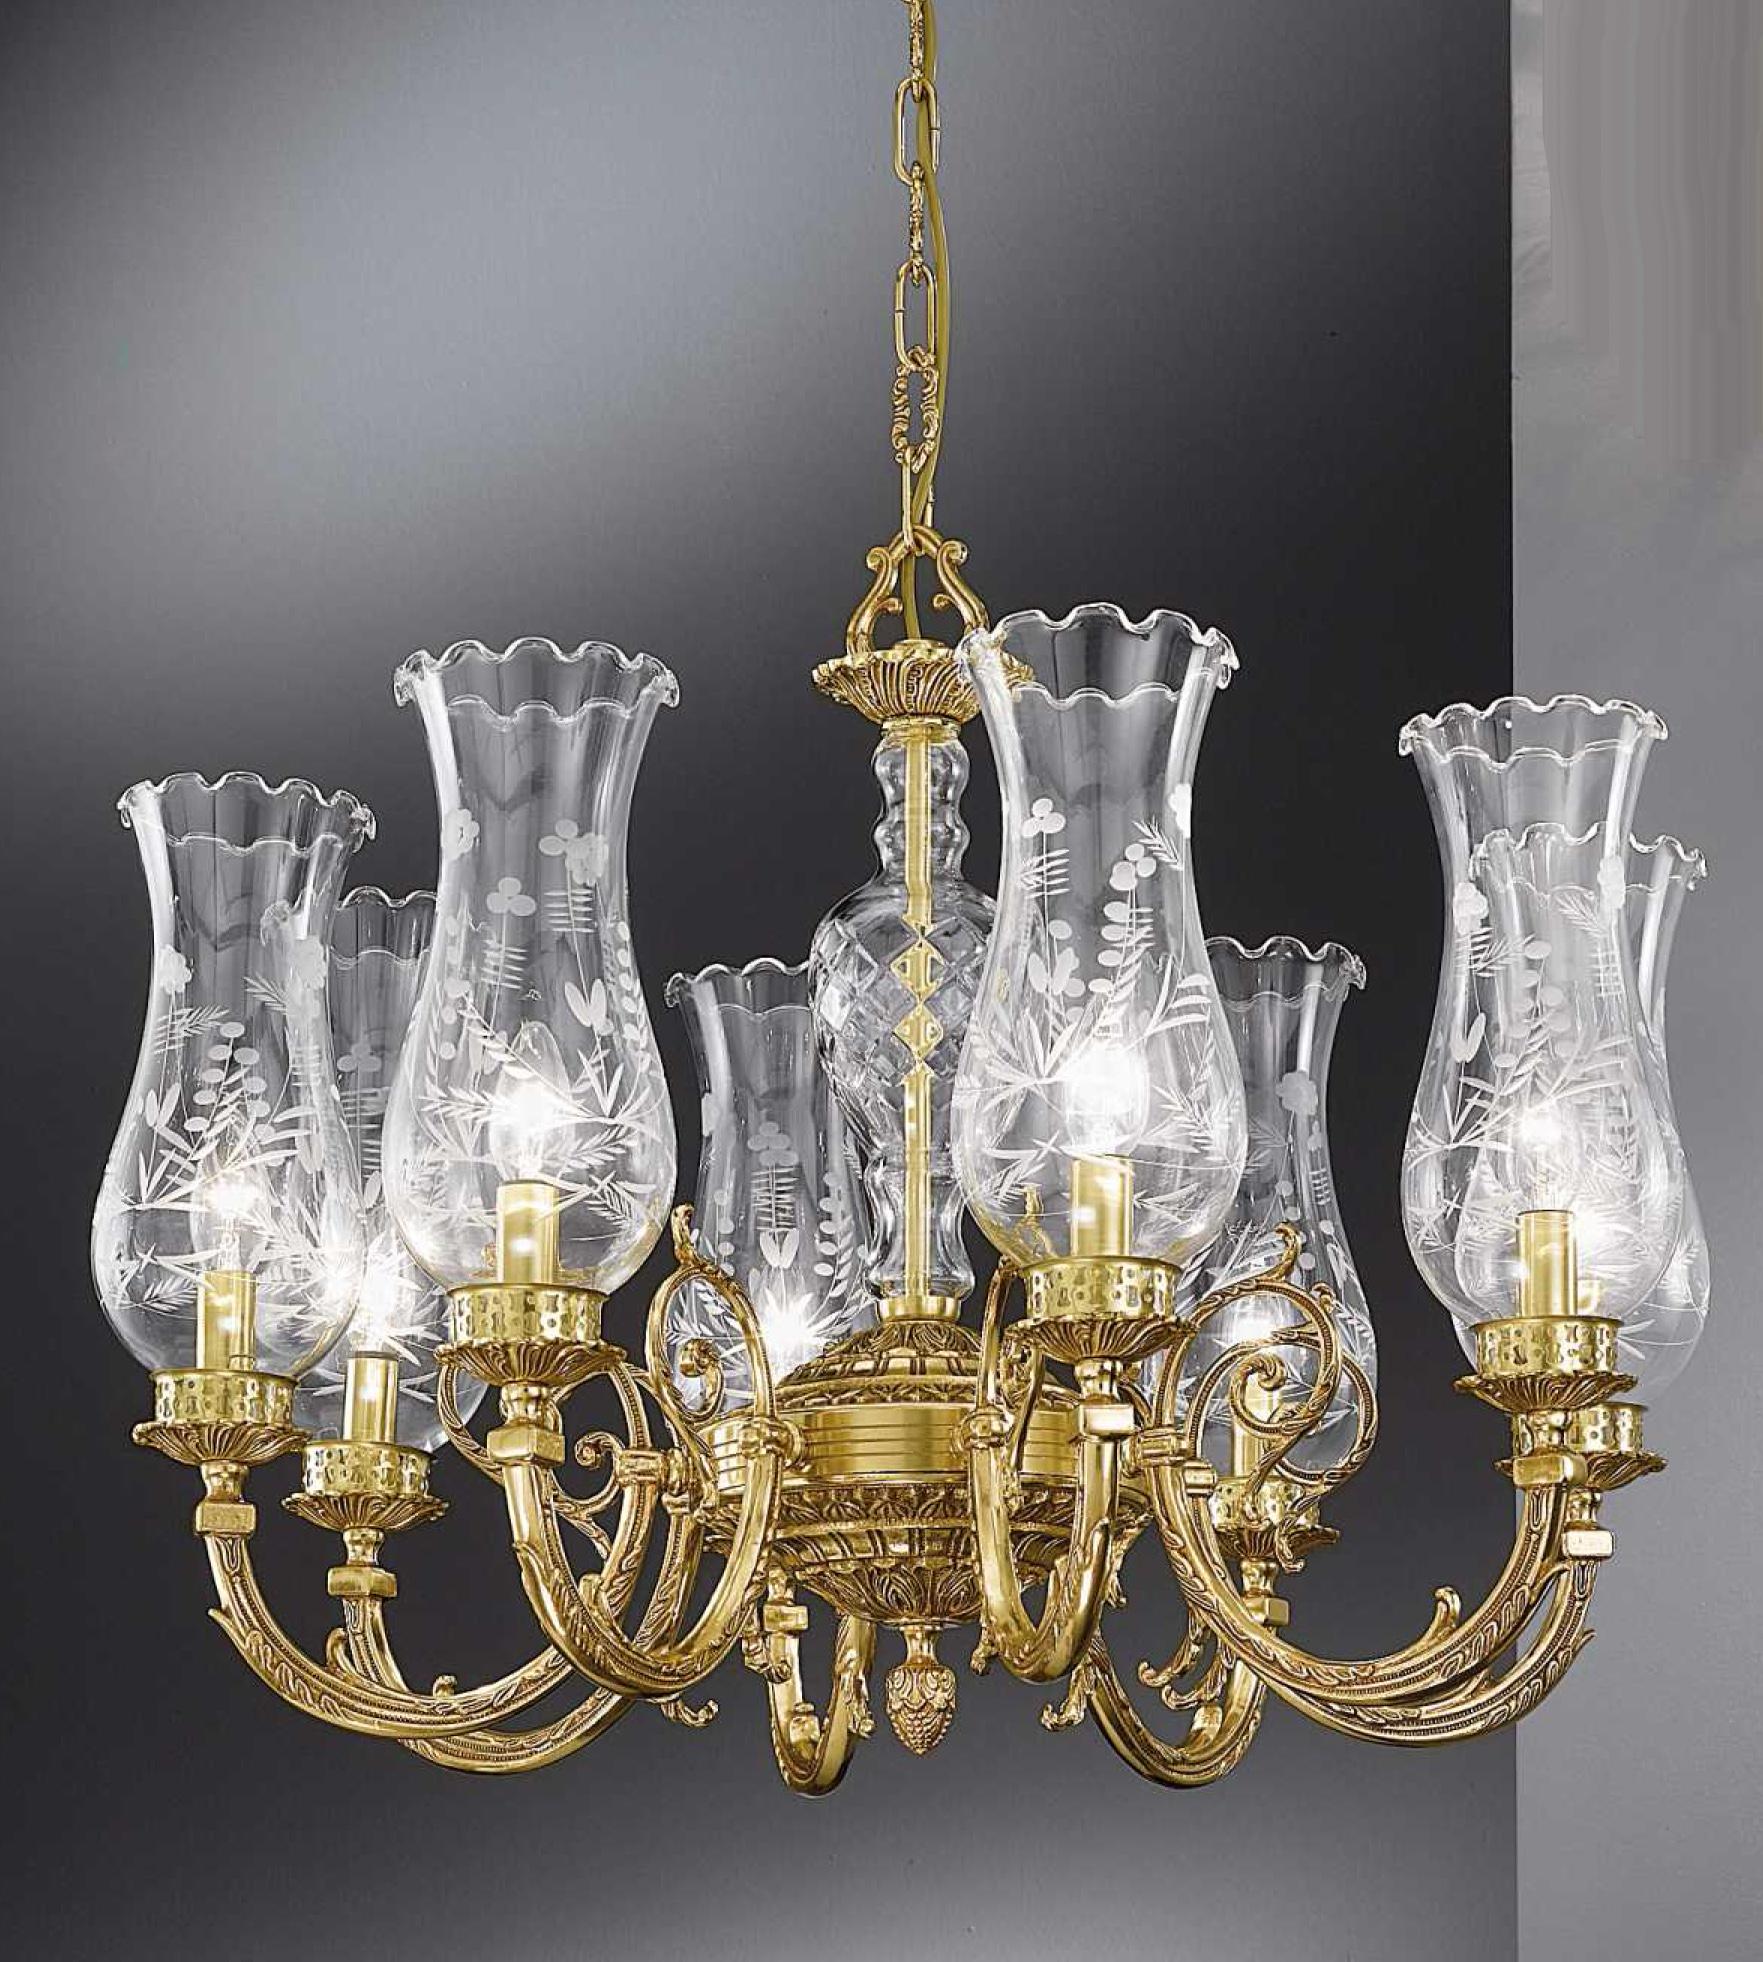 Lampadario a sospensione in ottone con paralumi in vetro e cristalli Art. 860/ 8